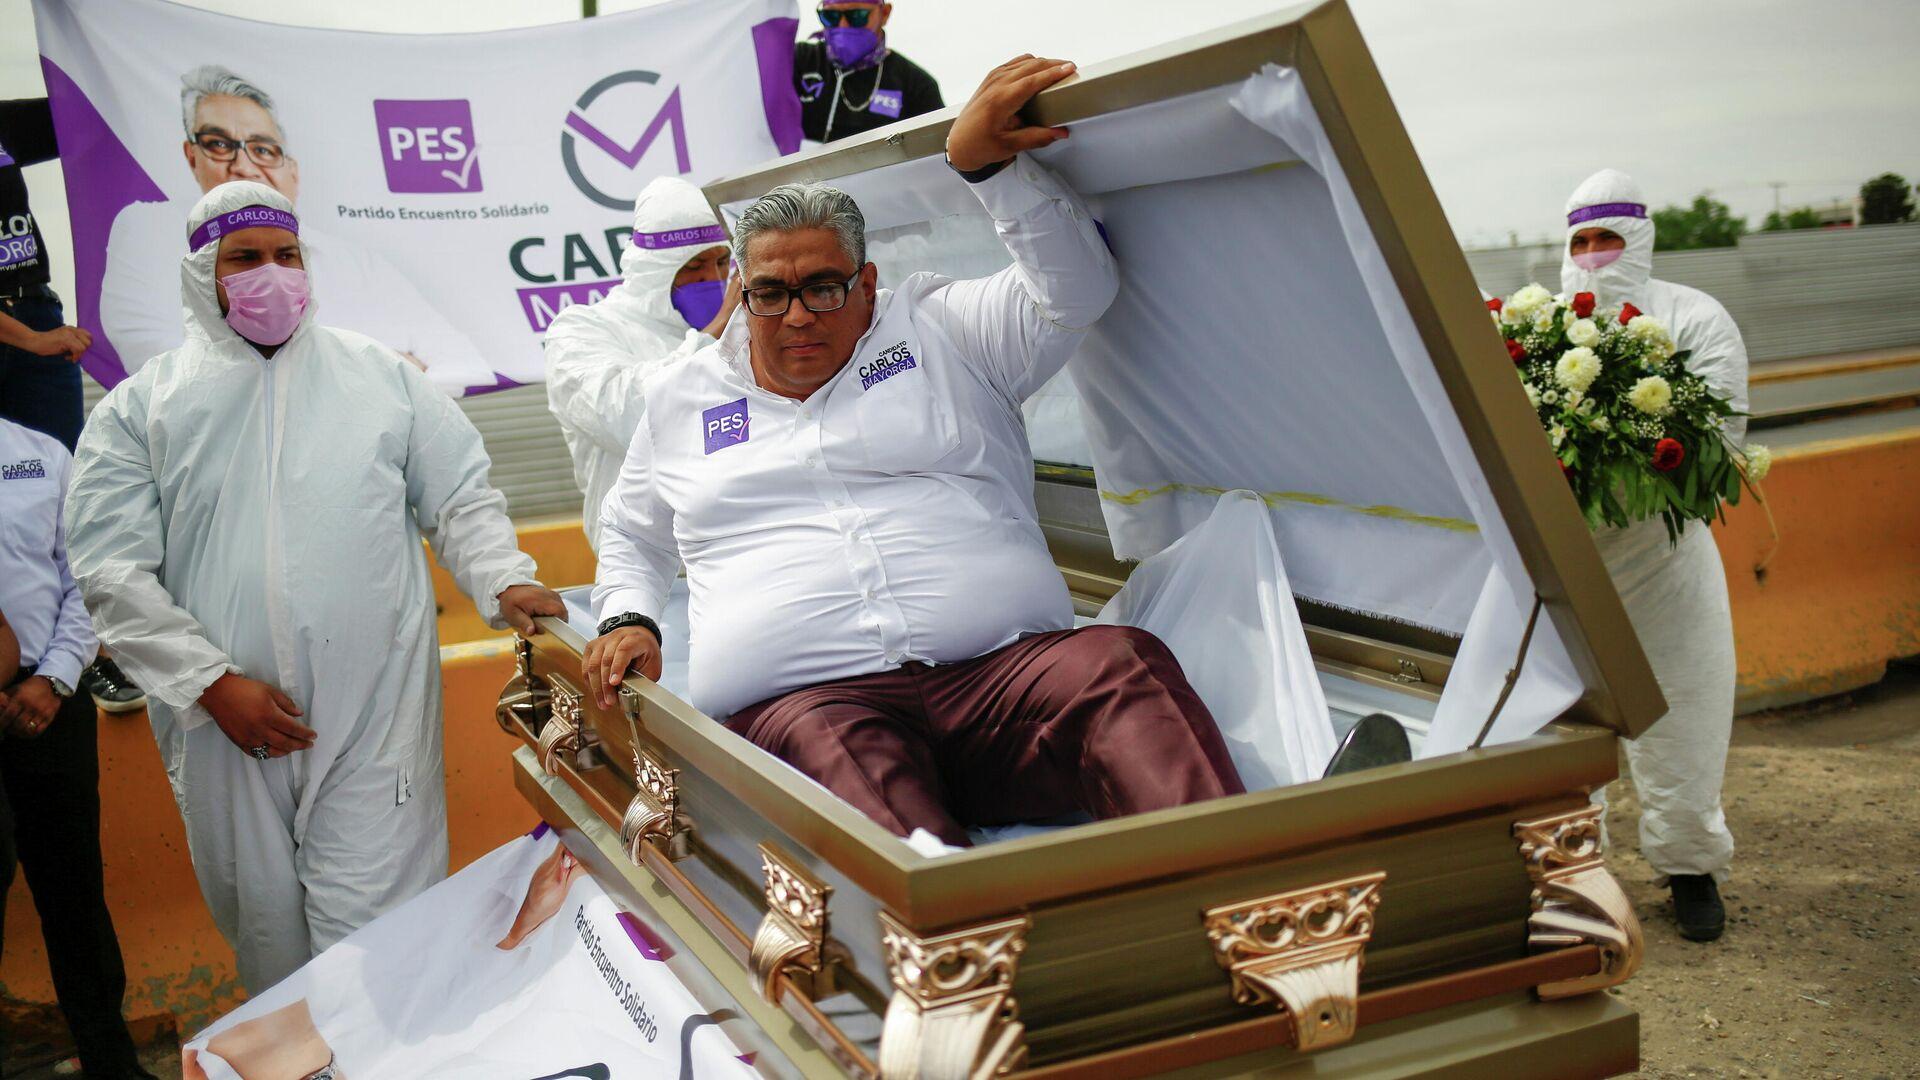 Политик начал предвыборную кампанию из гроба